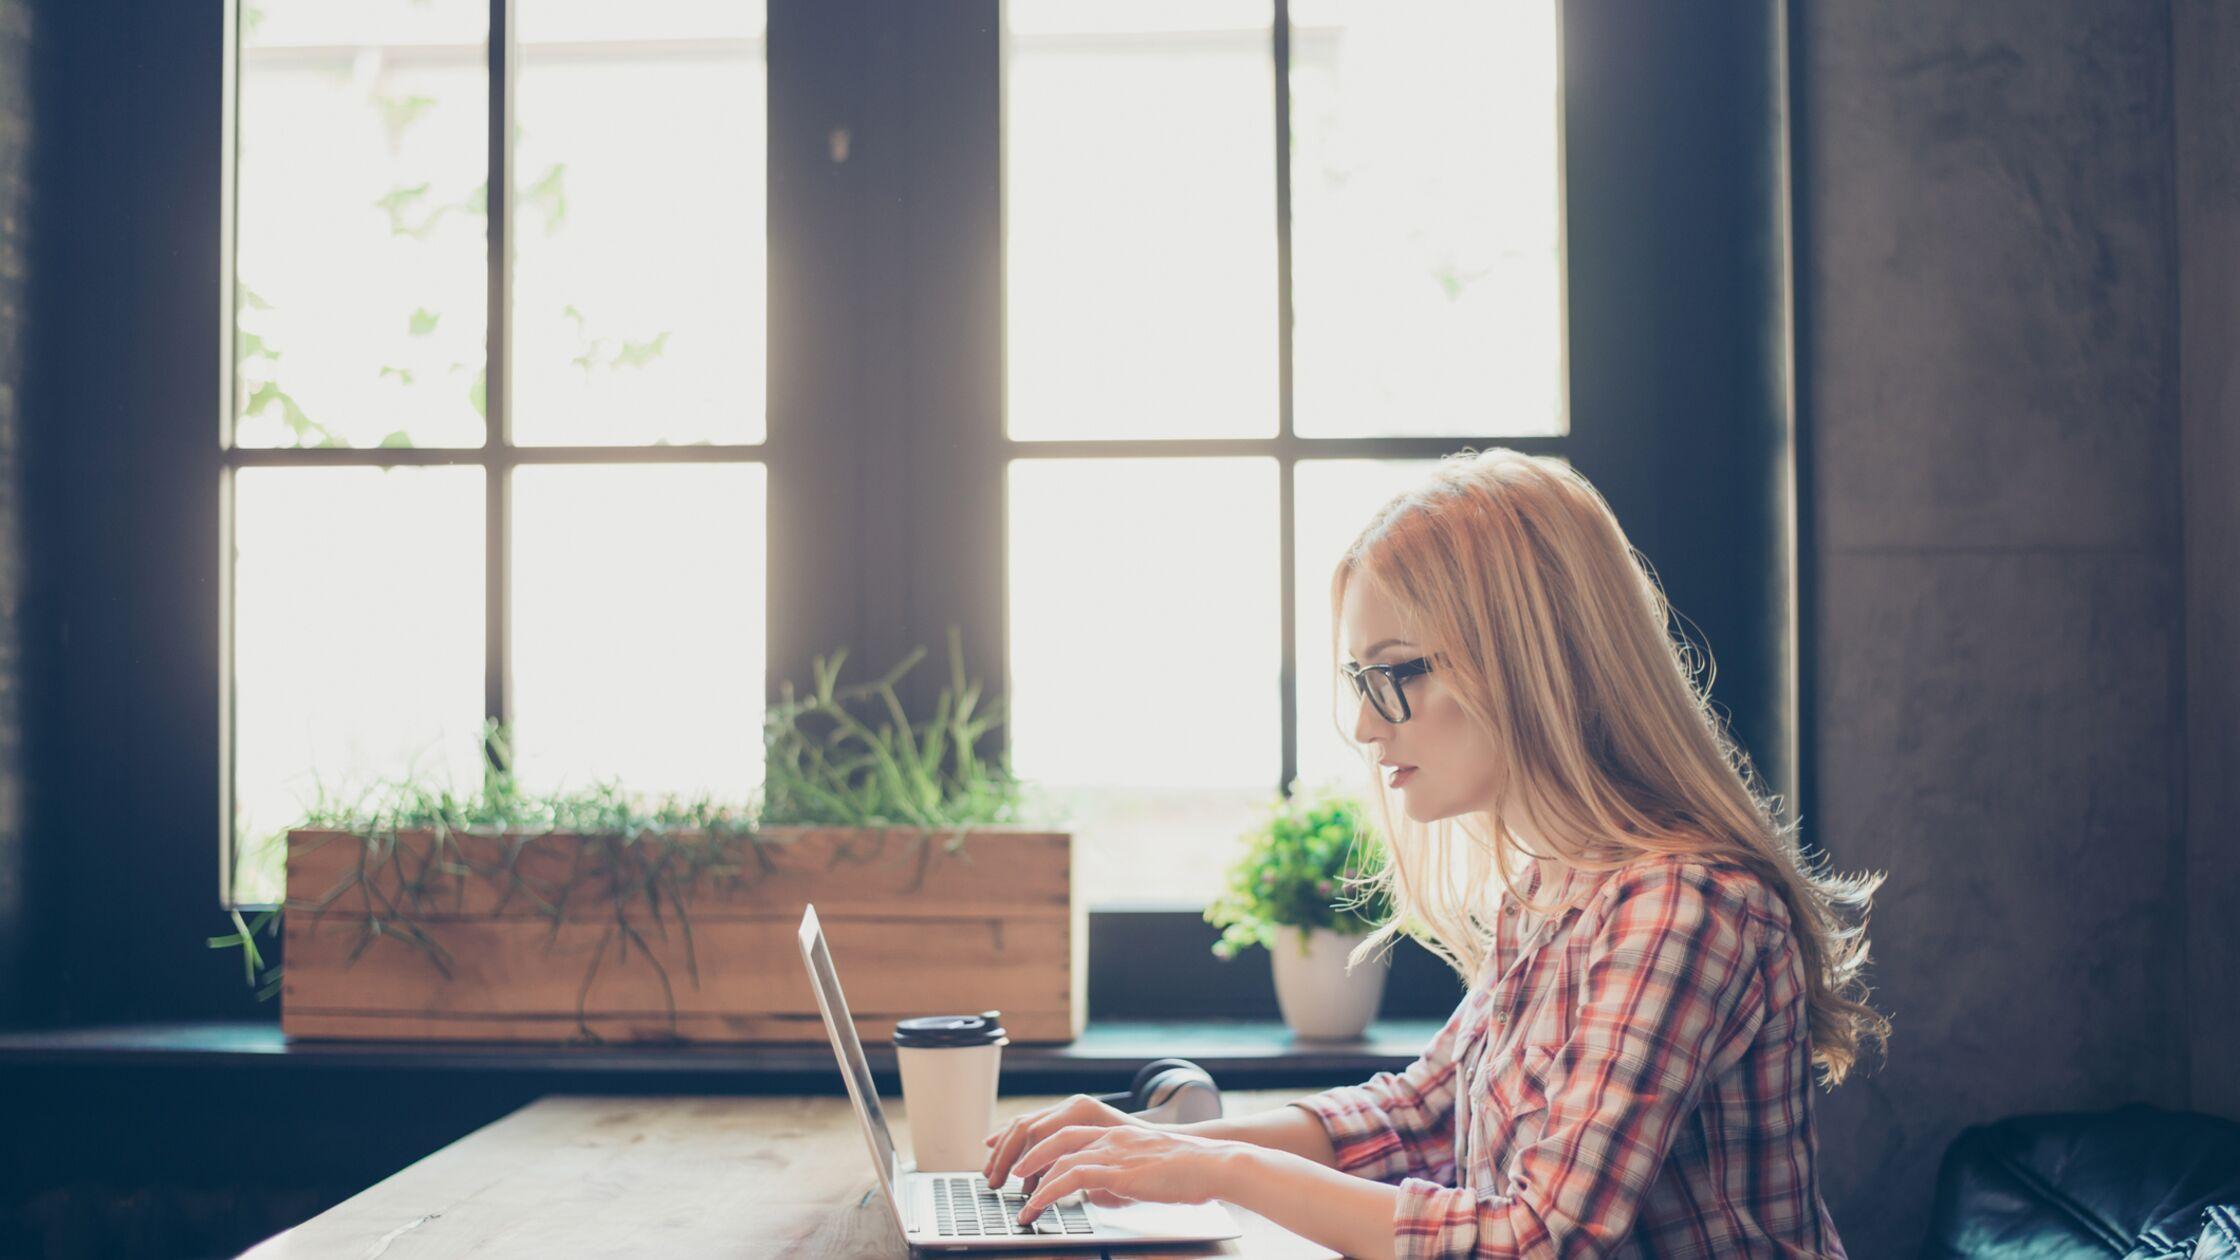 Wohnungssuche per Anzeige: Tipps für Suchende